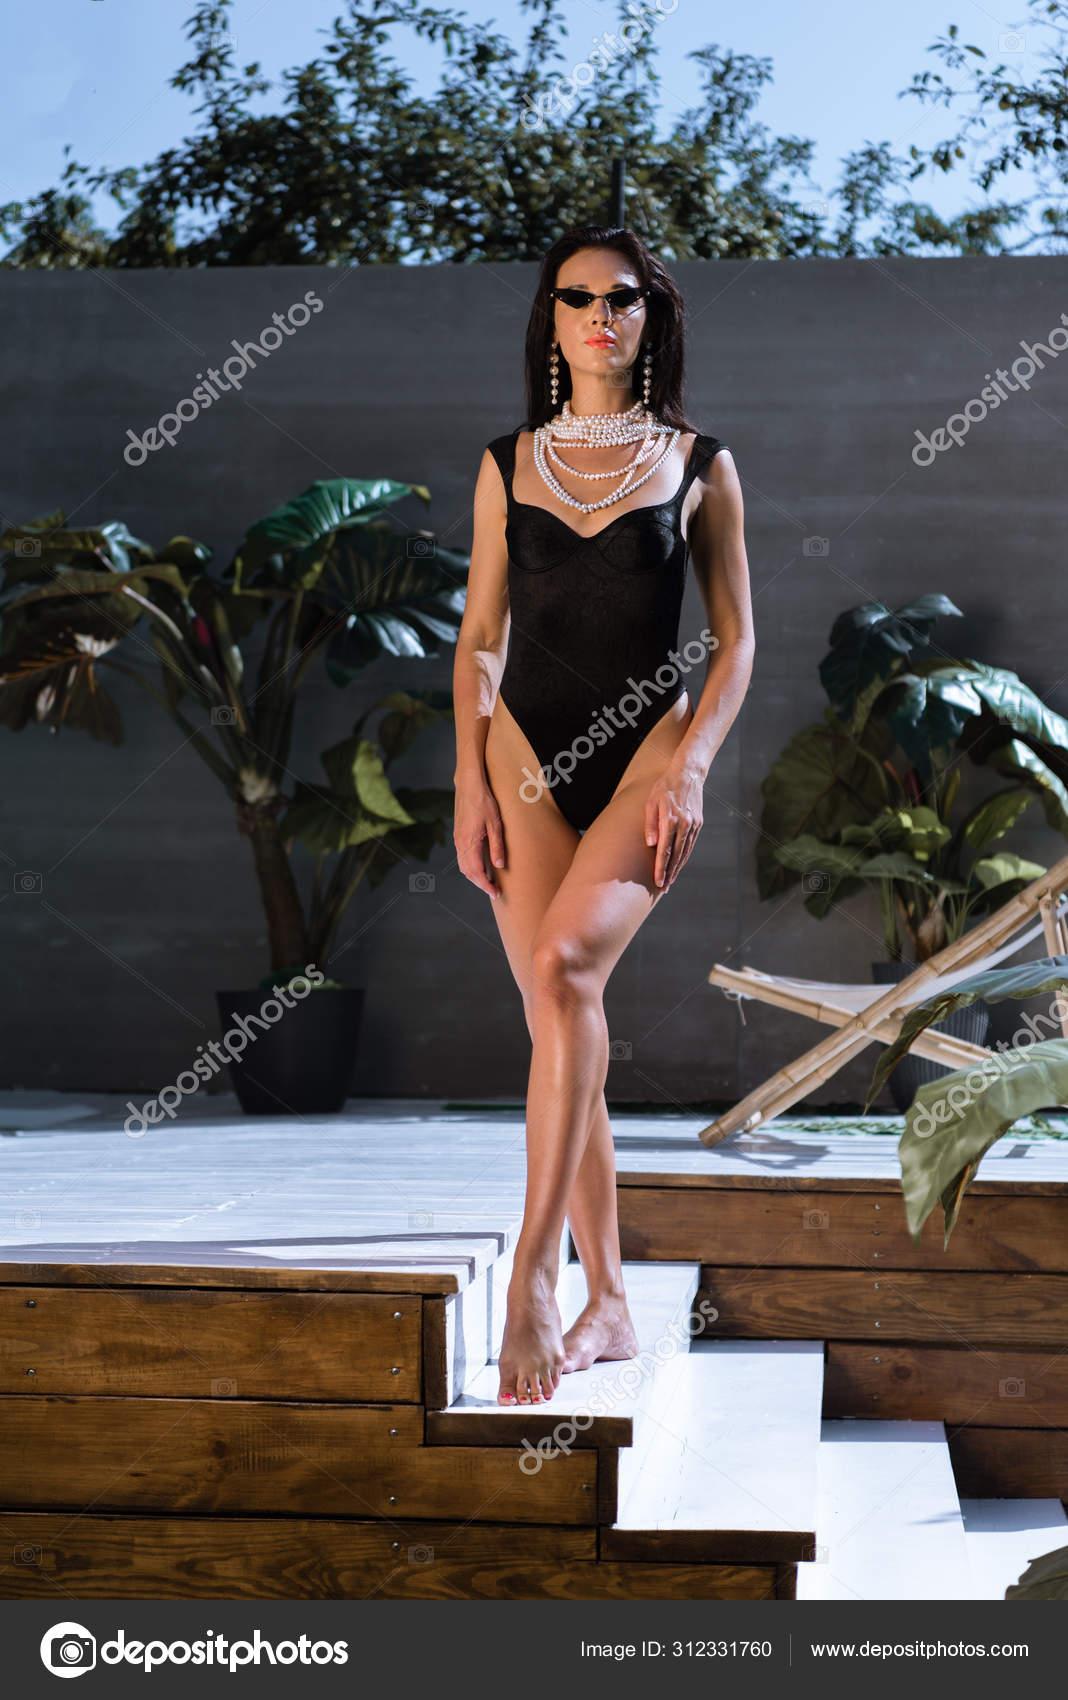 Красопета в чёрном купальнике.